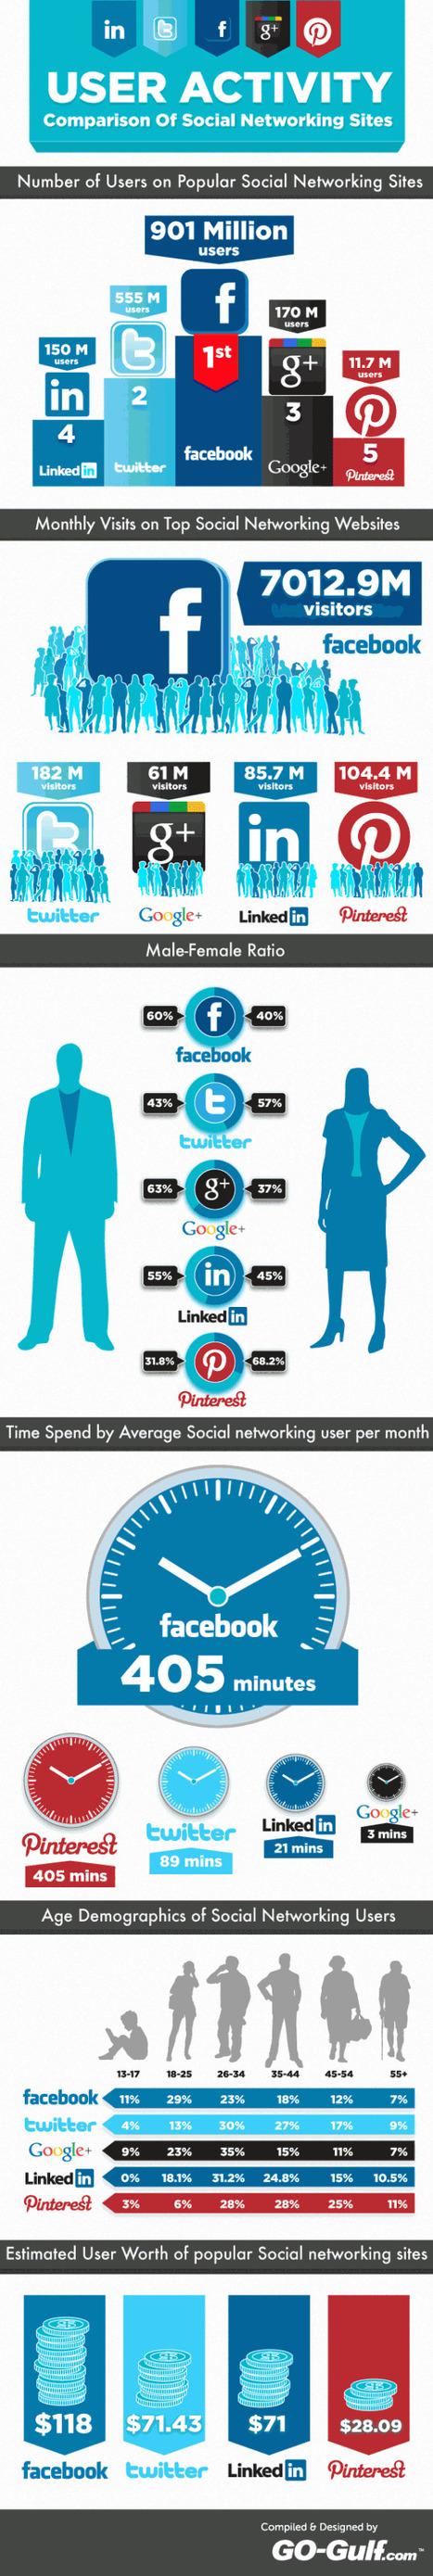 Comparaison des médias sociaux selon l'activité de leurs membres | Quand la communication passe au web | Scoop.it